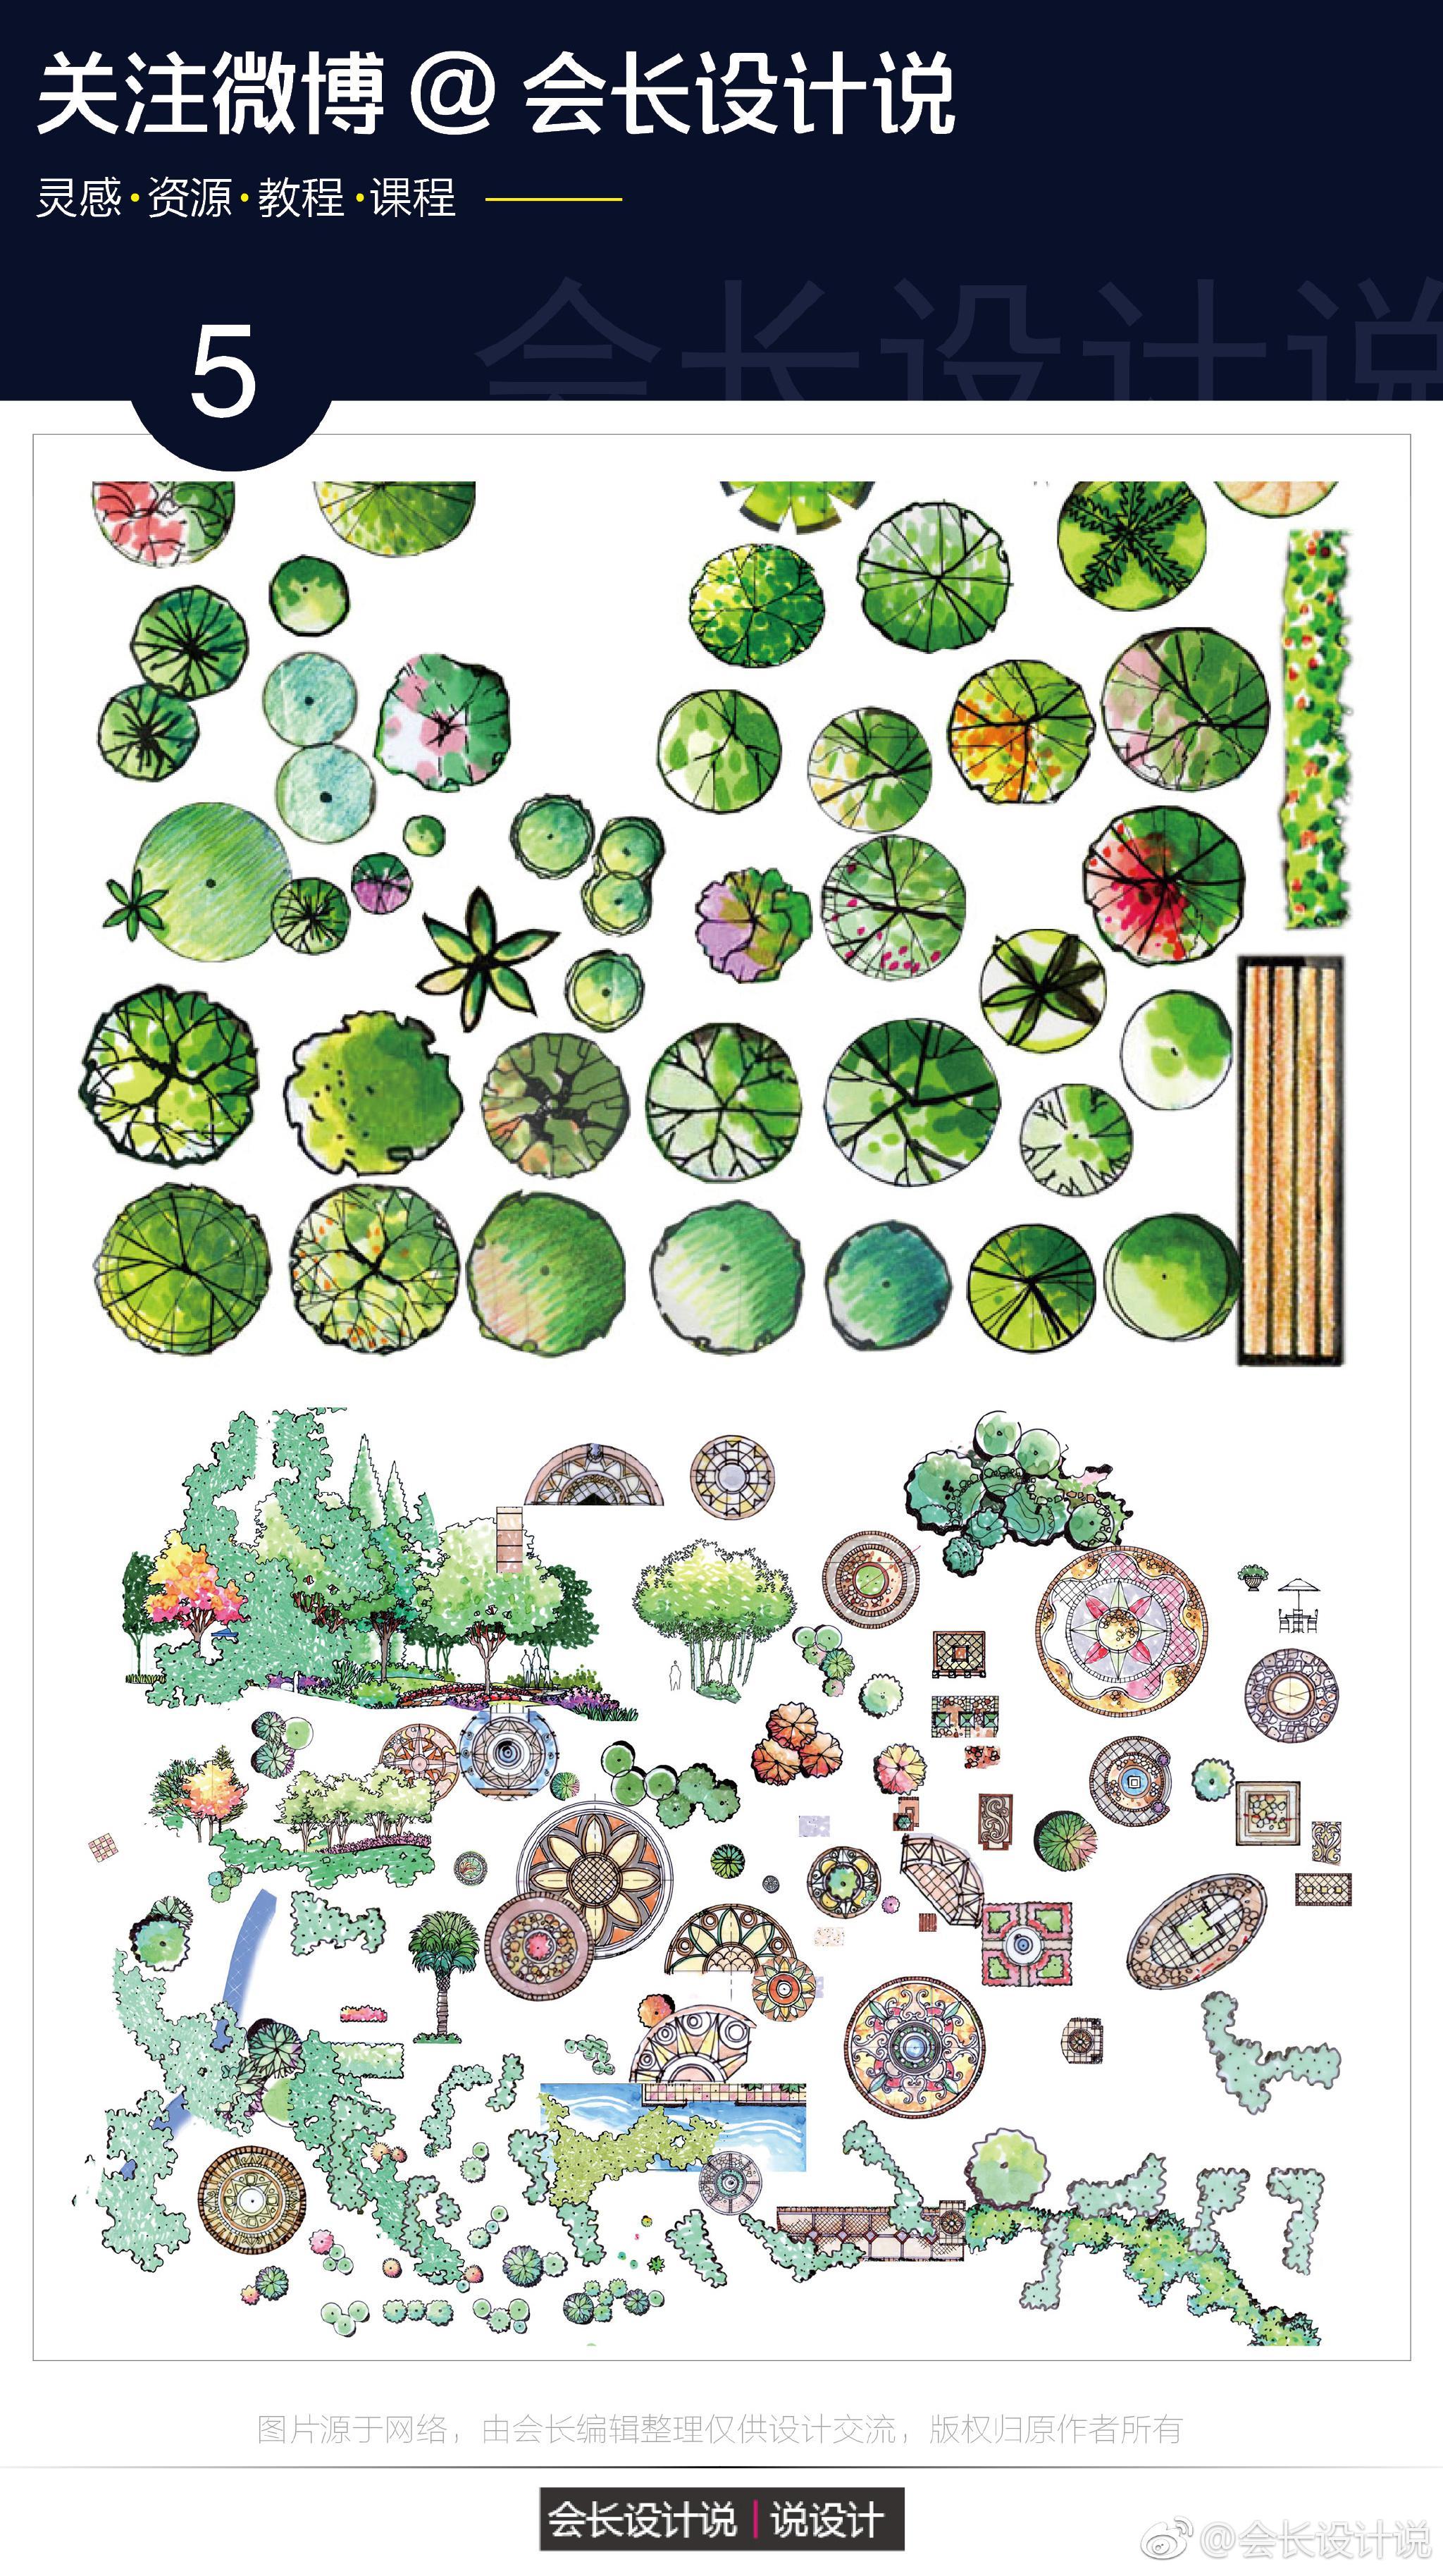 手绘植物,人物素材集合   (下载链接见评论区)